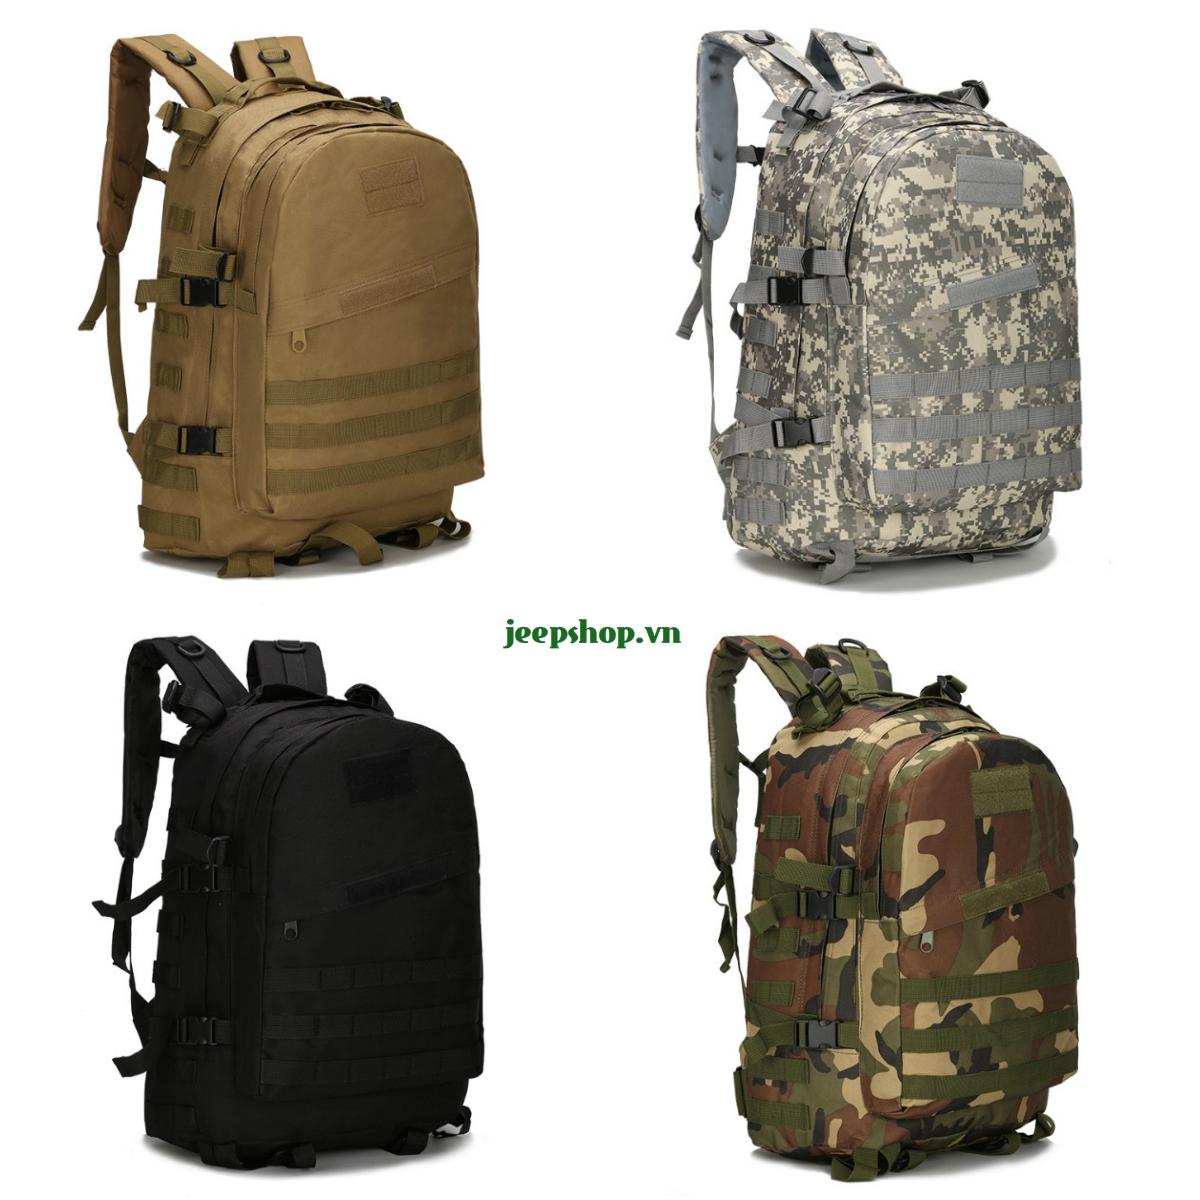 Chuyên cung cấp Ba lô , Túi đeo, Túi xách, Giày... phong cách lính - 2